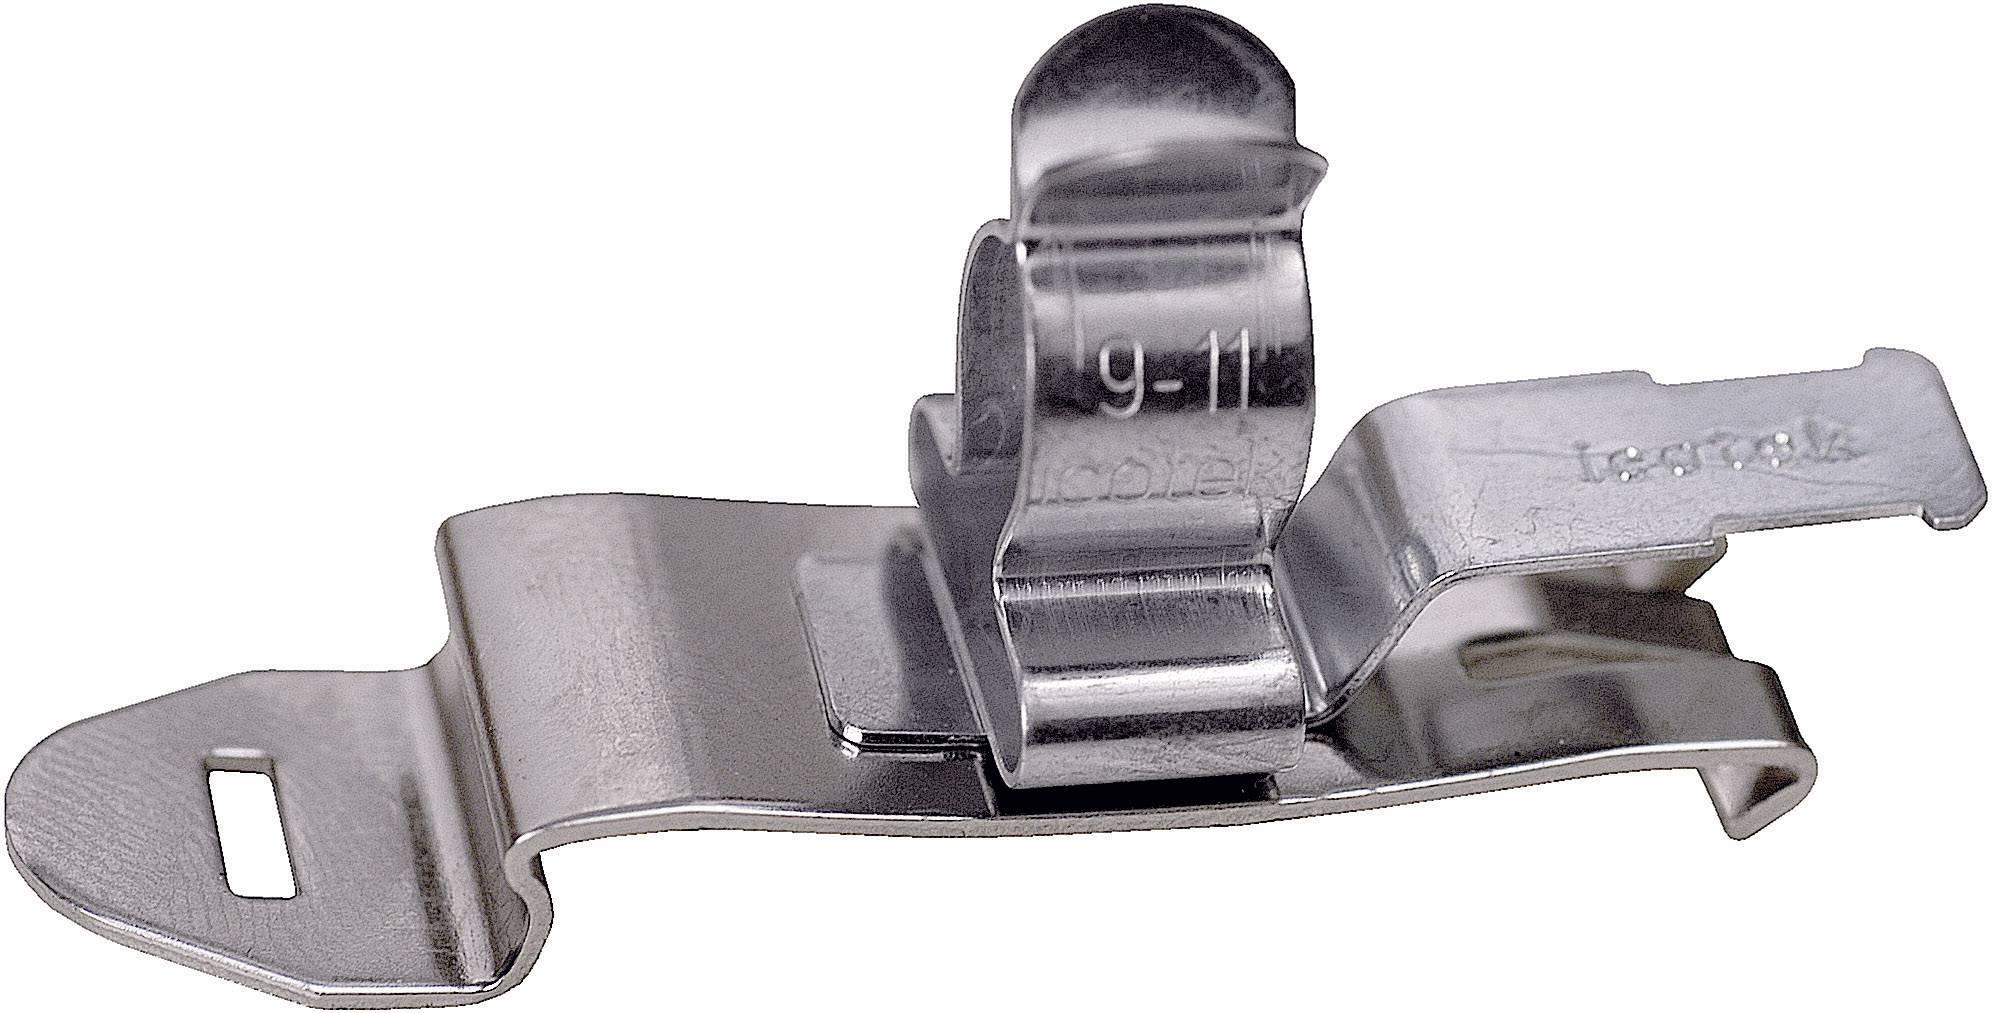 Icotek Zaščitna sponka SFZ SFZ|SKL 6-8 za kabel- 6 - 8 mm, pocinkano vzmetno jeklo